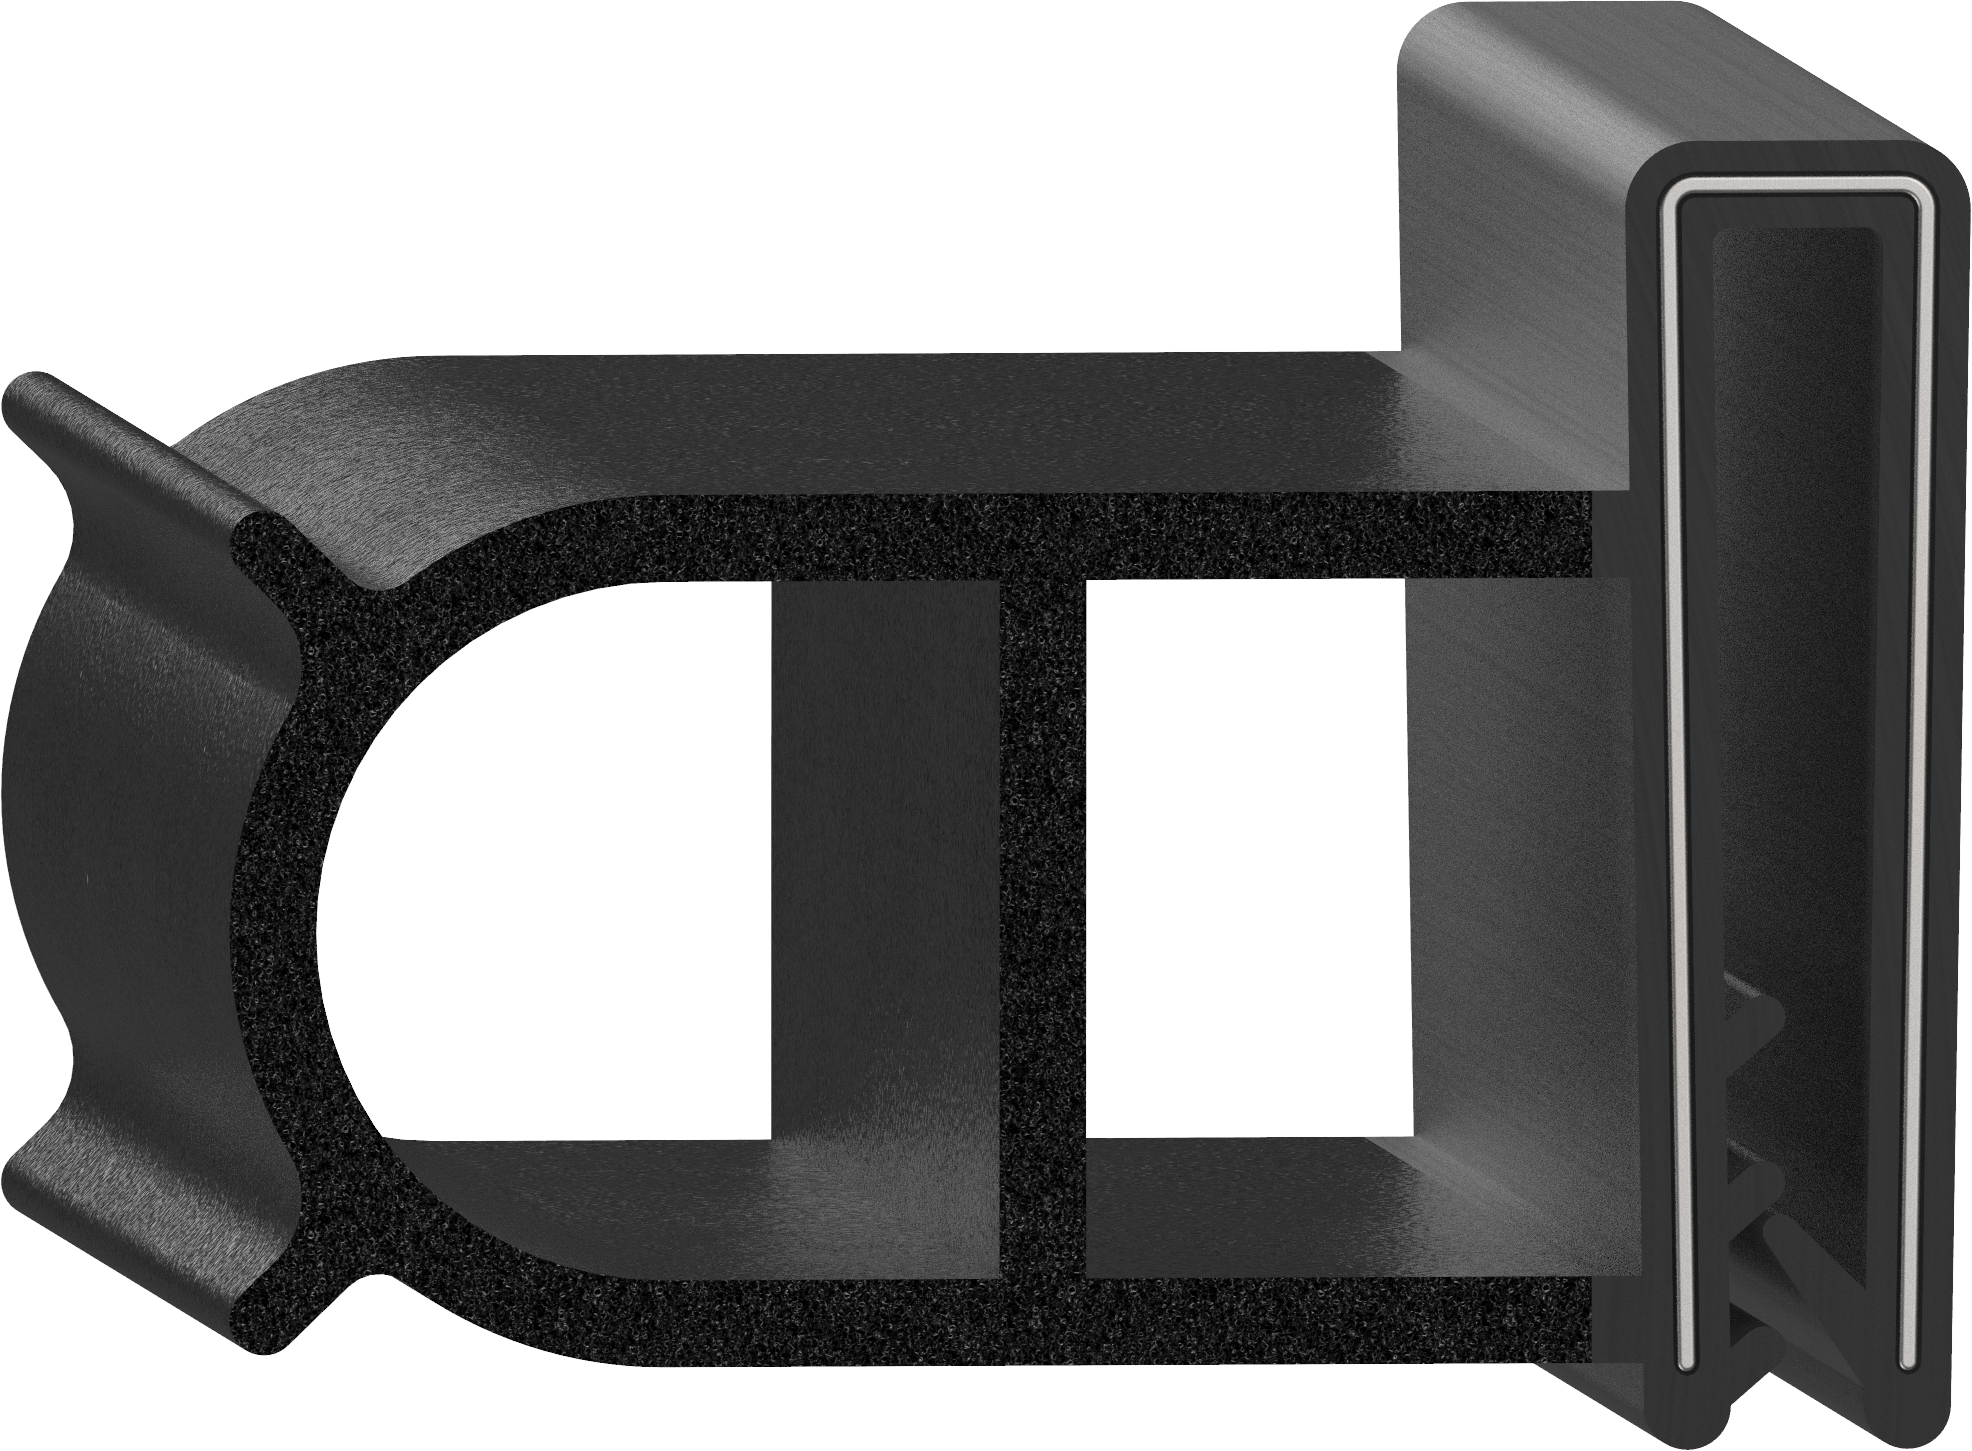 Uni-Grip part: DU-057